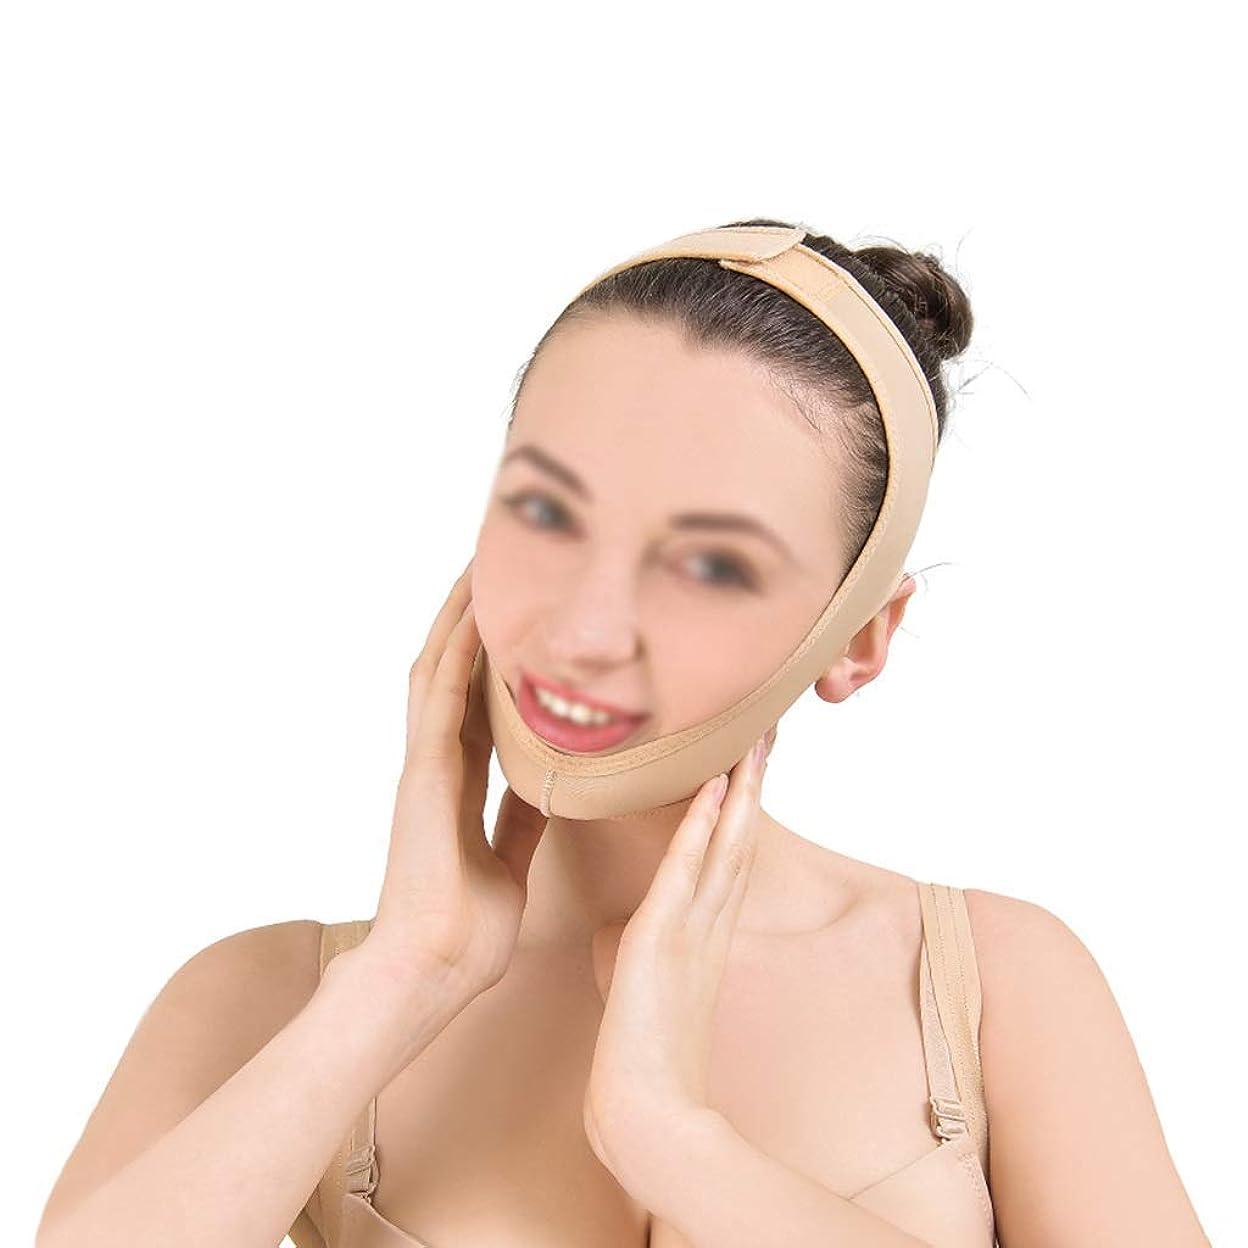 裂け目瞑想的したいフェイスシェイピングベルト、肌の包帯を持ち上げて引き締める、フェイスベルトを持ち上げる、快適で フェイシャルリフティングマスク(サイズ:S),S